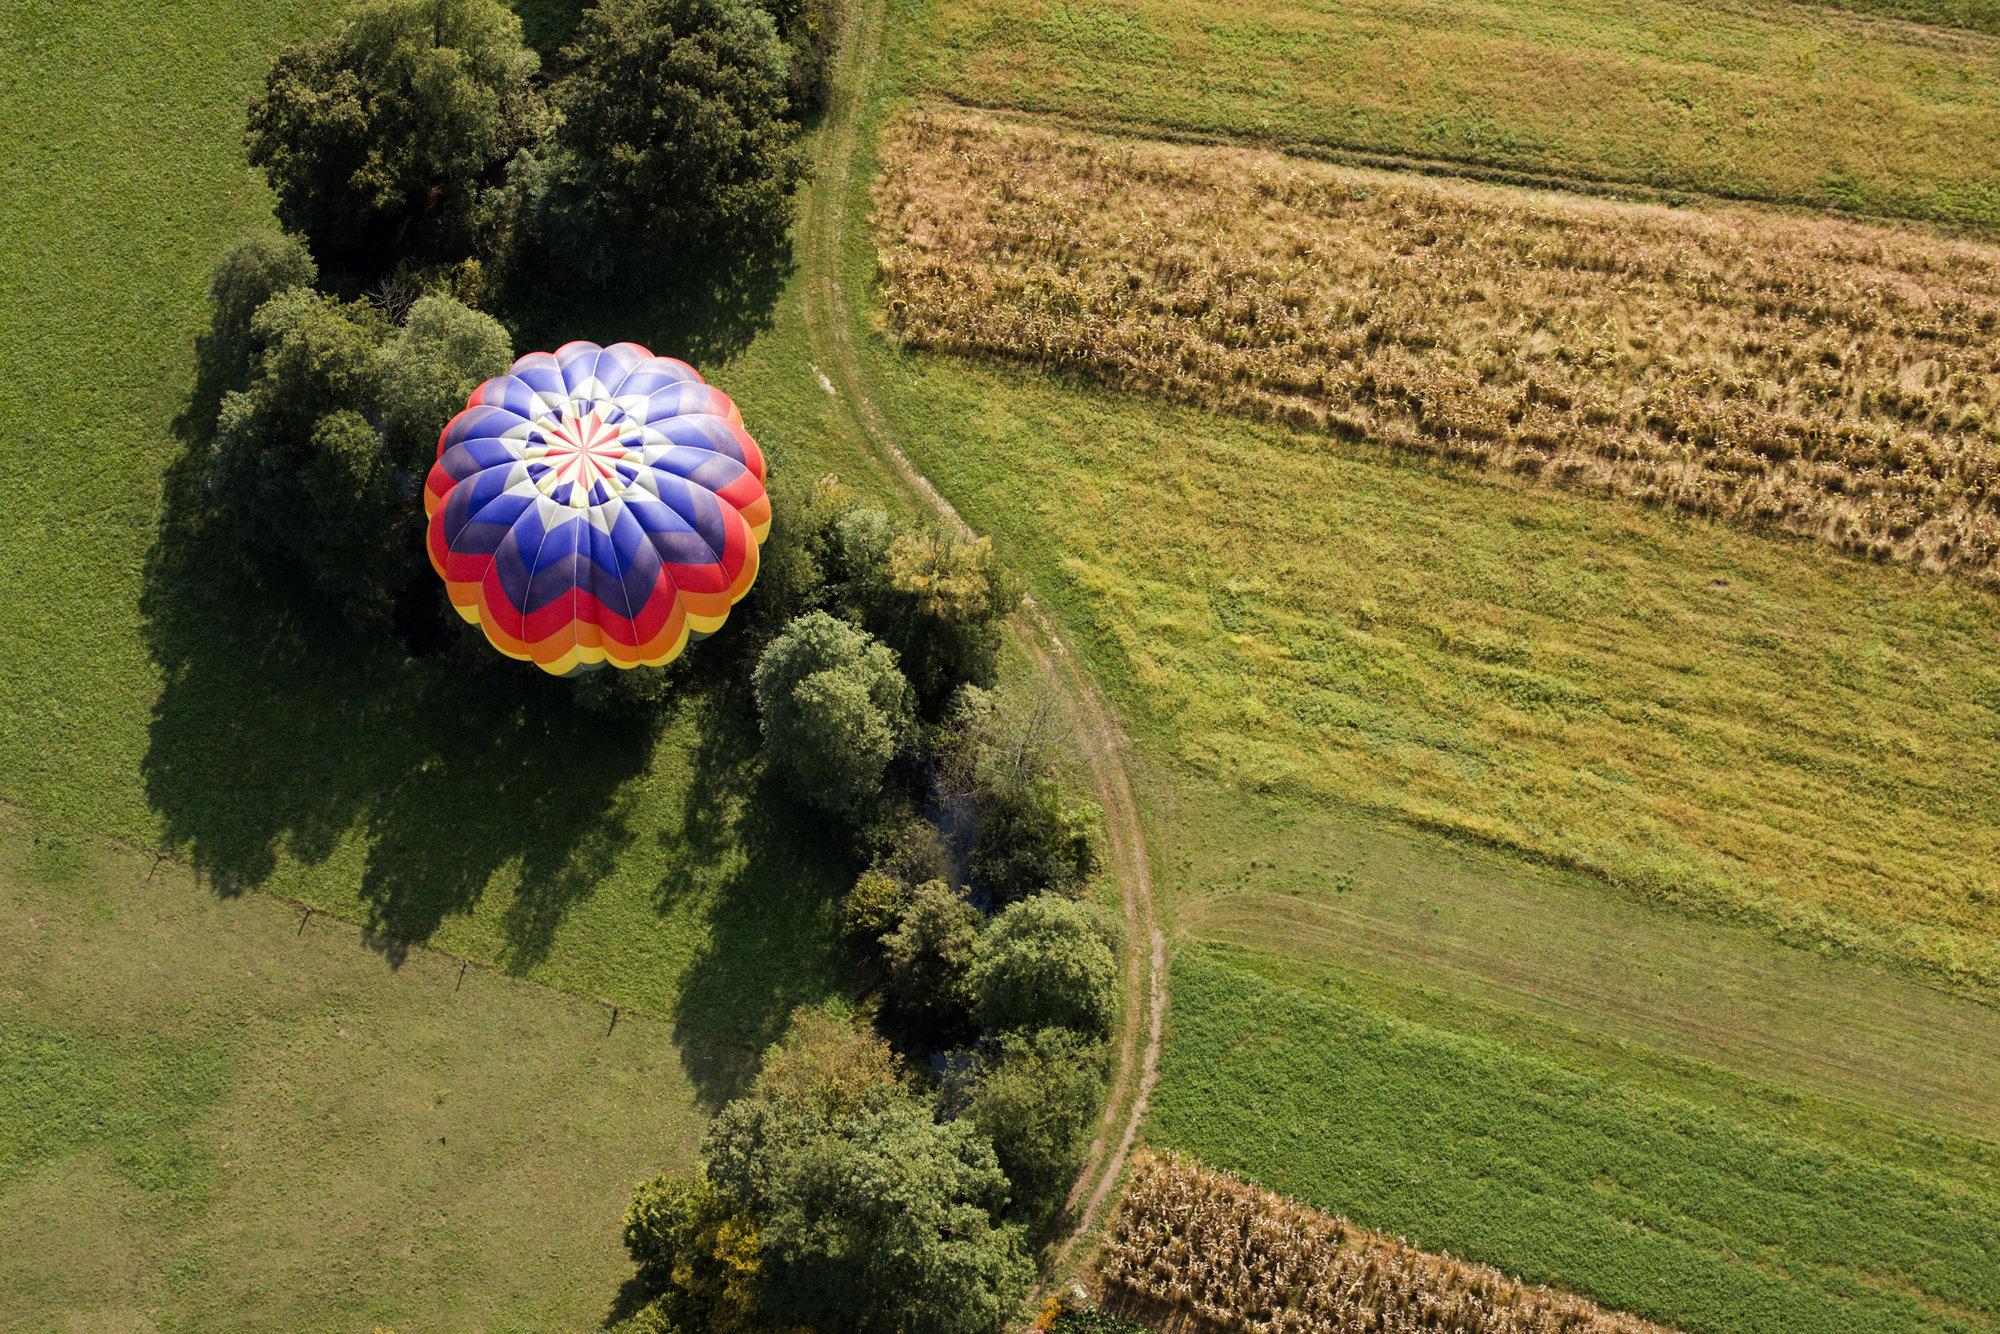 Ballonfahrt in Lingen